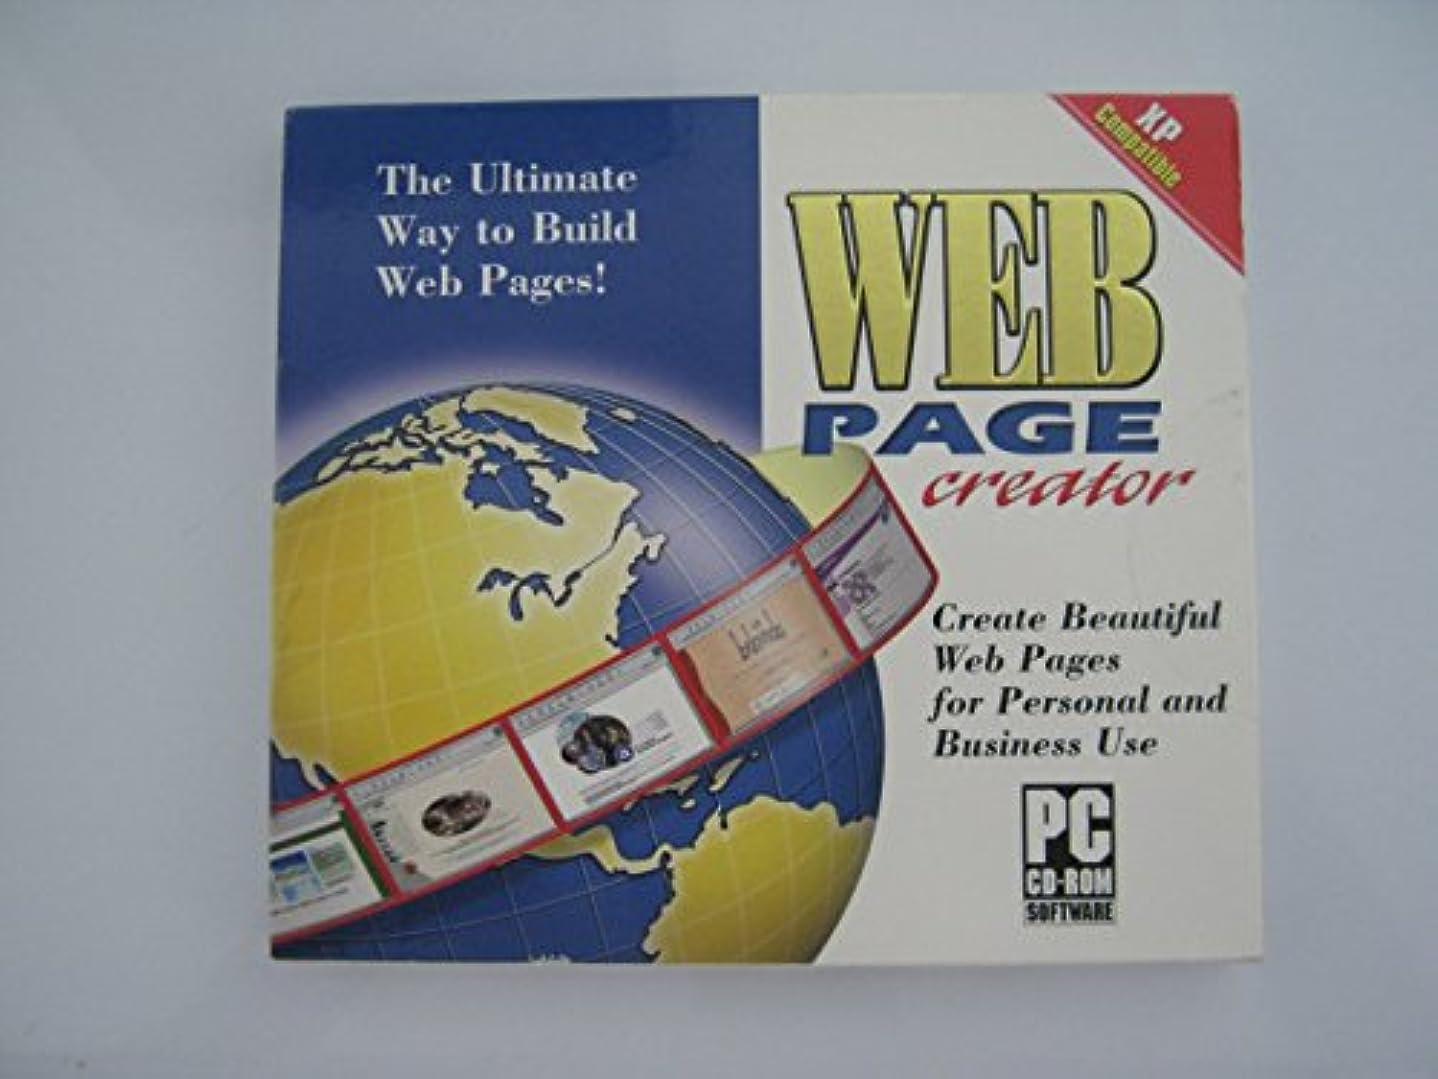 マークされた規模標高Webページ作成者